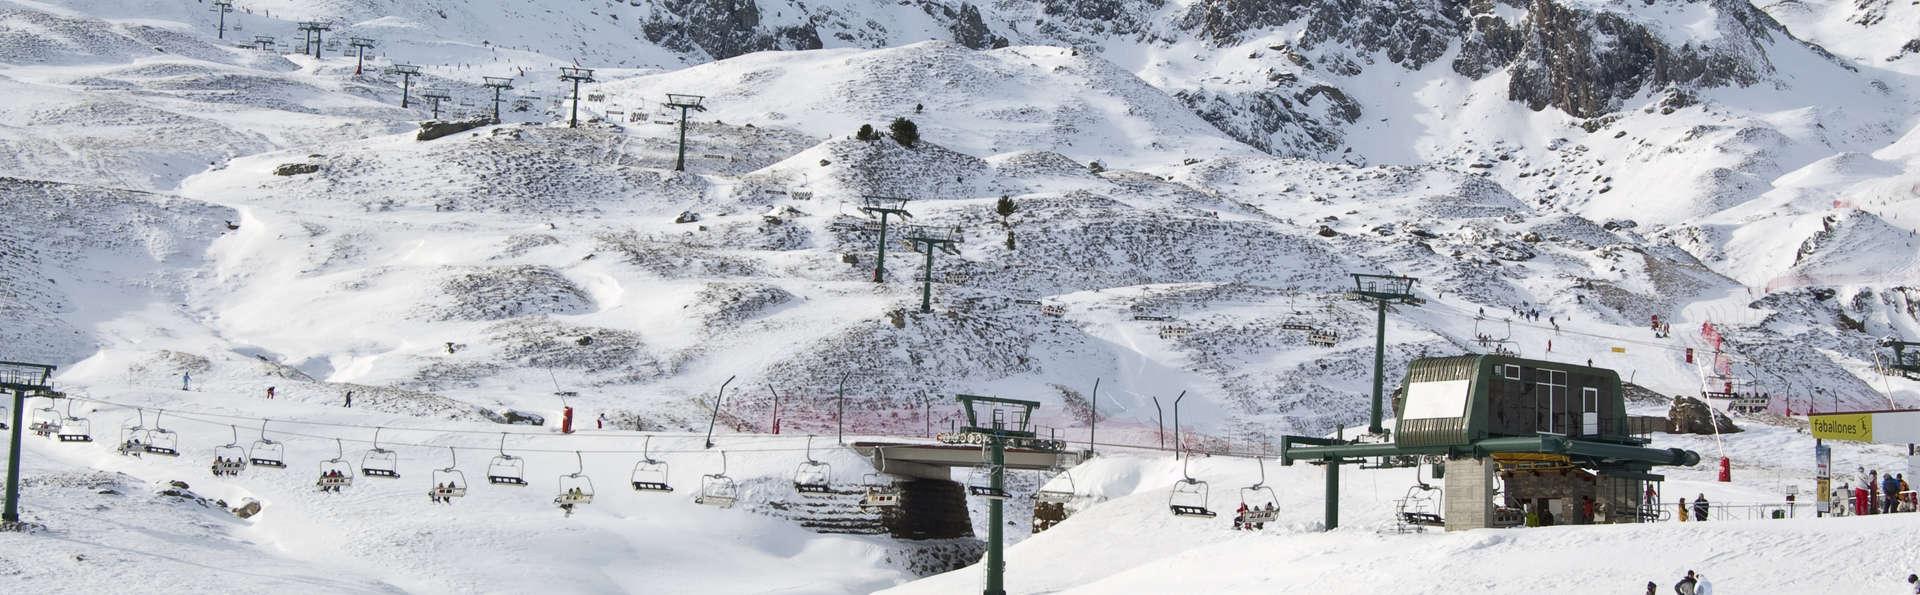 Escapada en Jaca con forfait de esquí